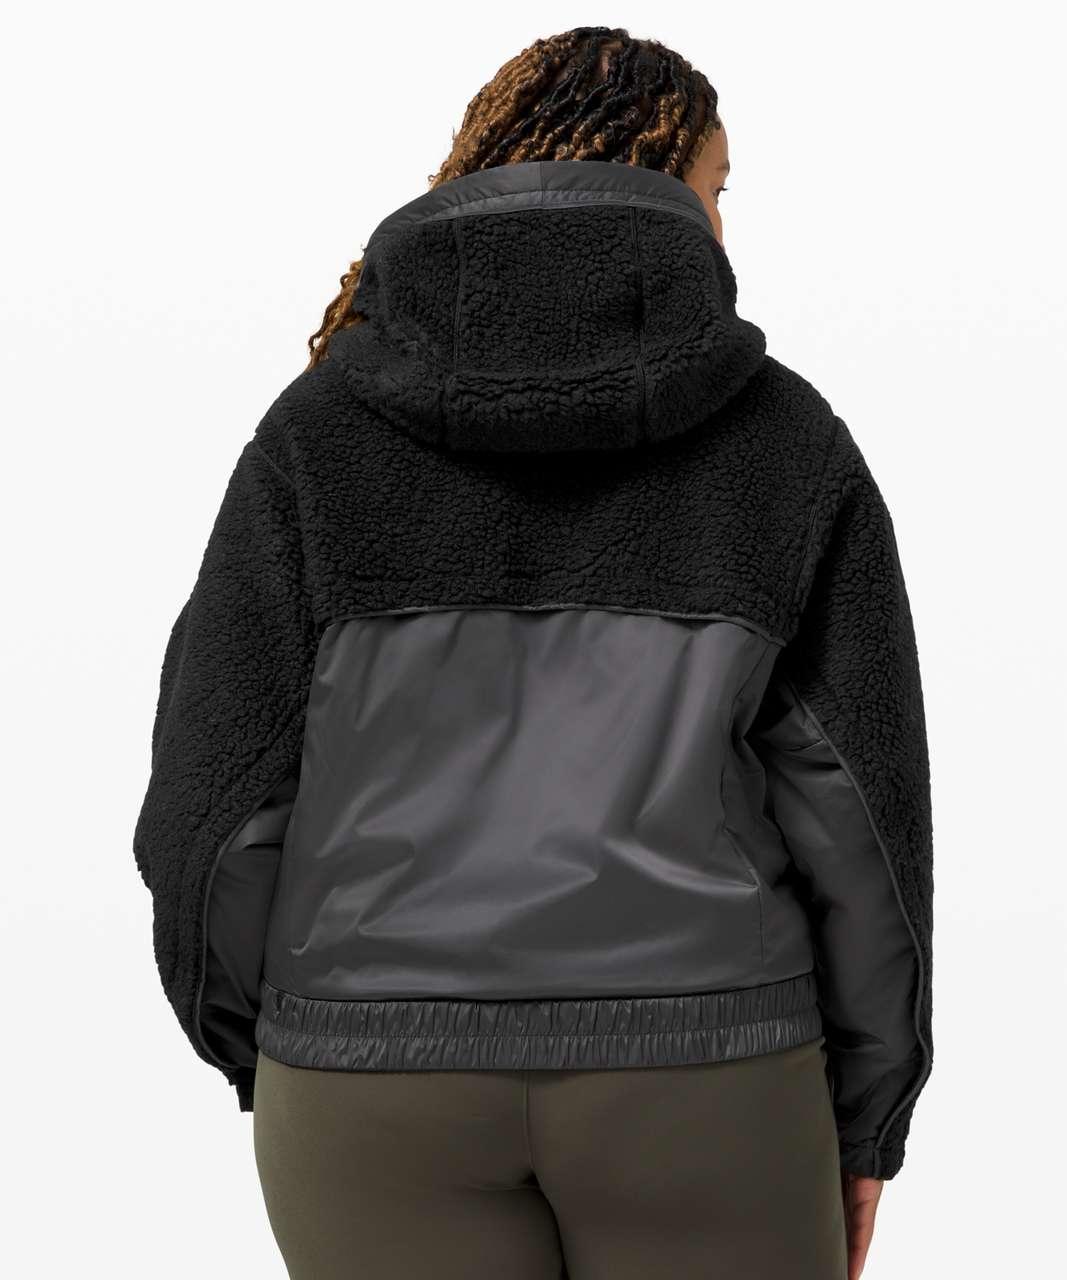 Lululemon Sherpa and Shine Jacket - Black